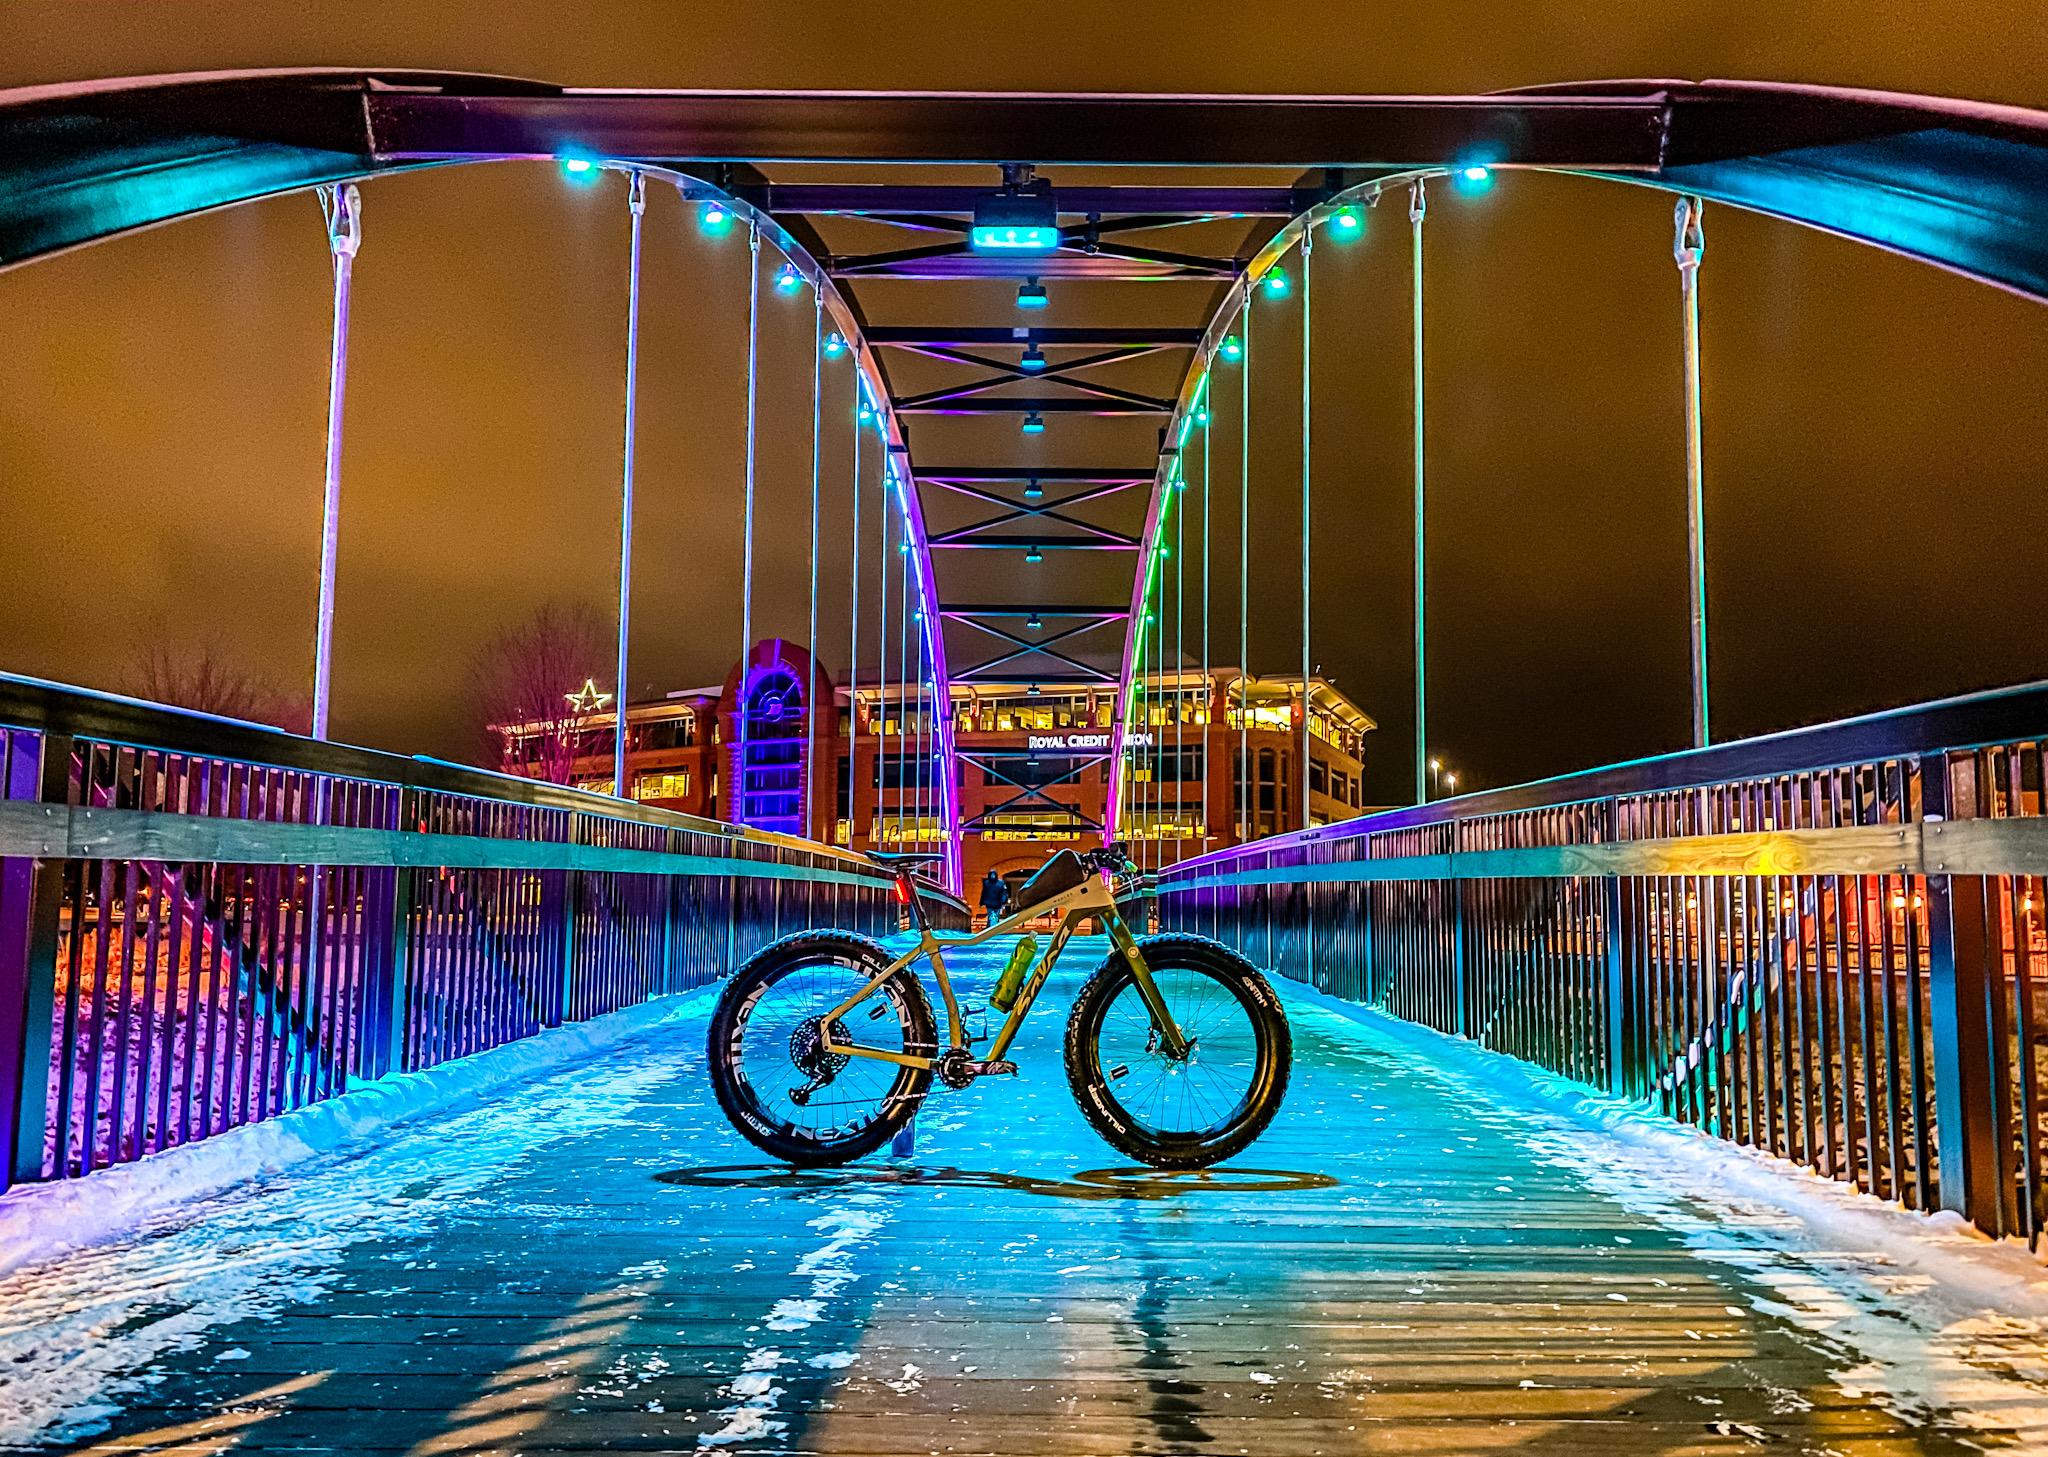 Bikerumor Pic du jour: Eau Claire, Wisconsin